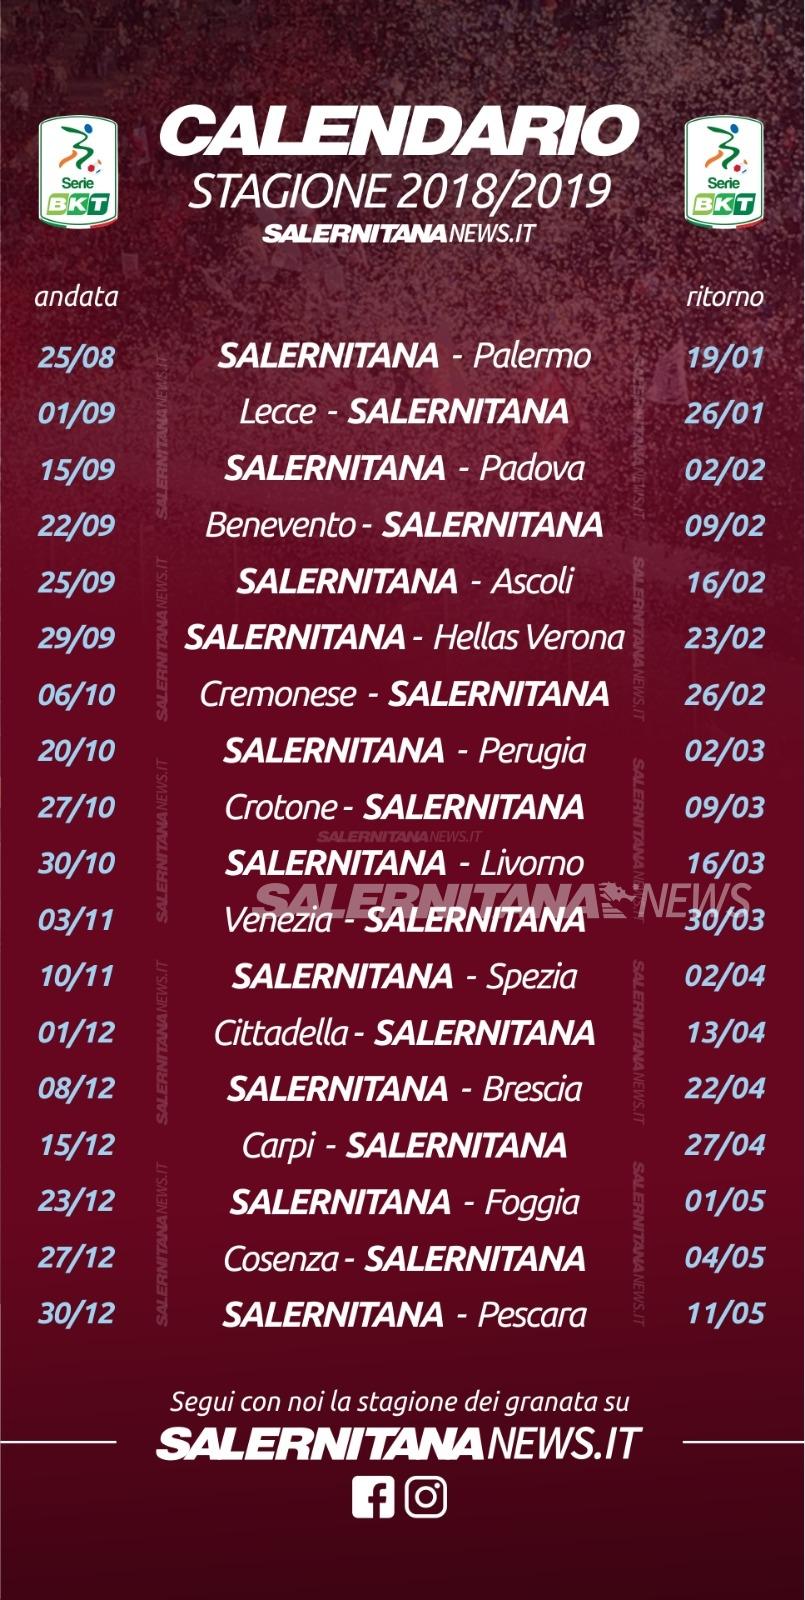 Calendario Salernitana.Foto Il Cammino Dei Granata Giornata Dopo Giornata Scarica